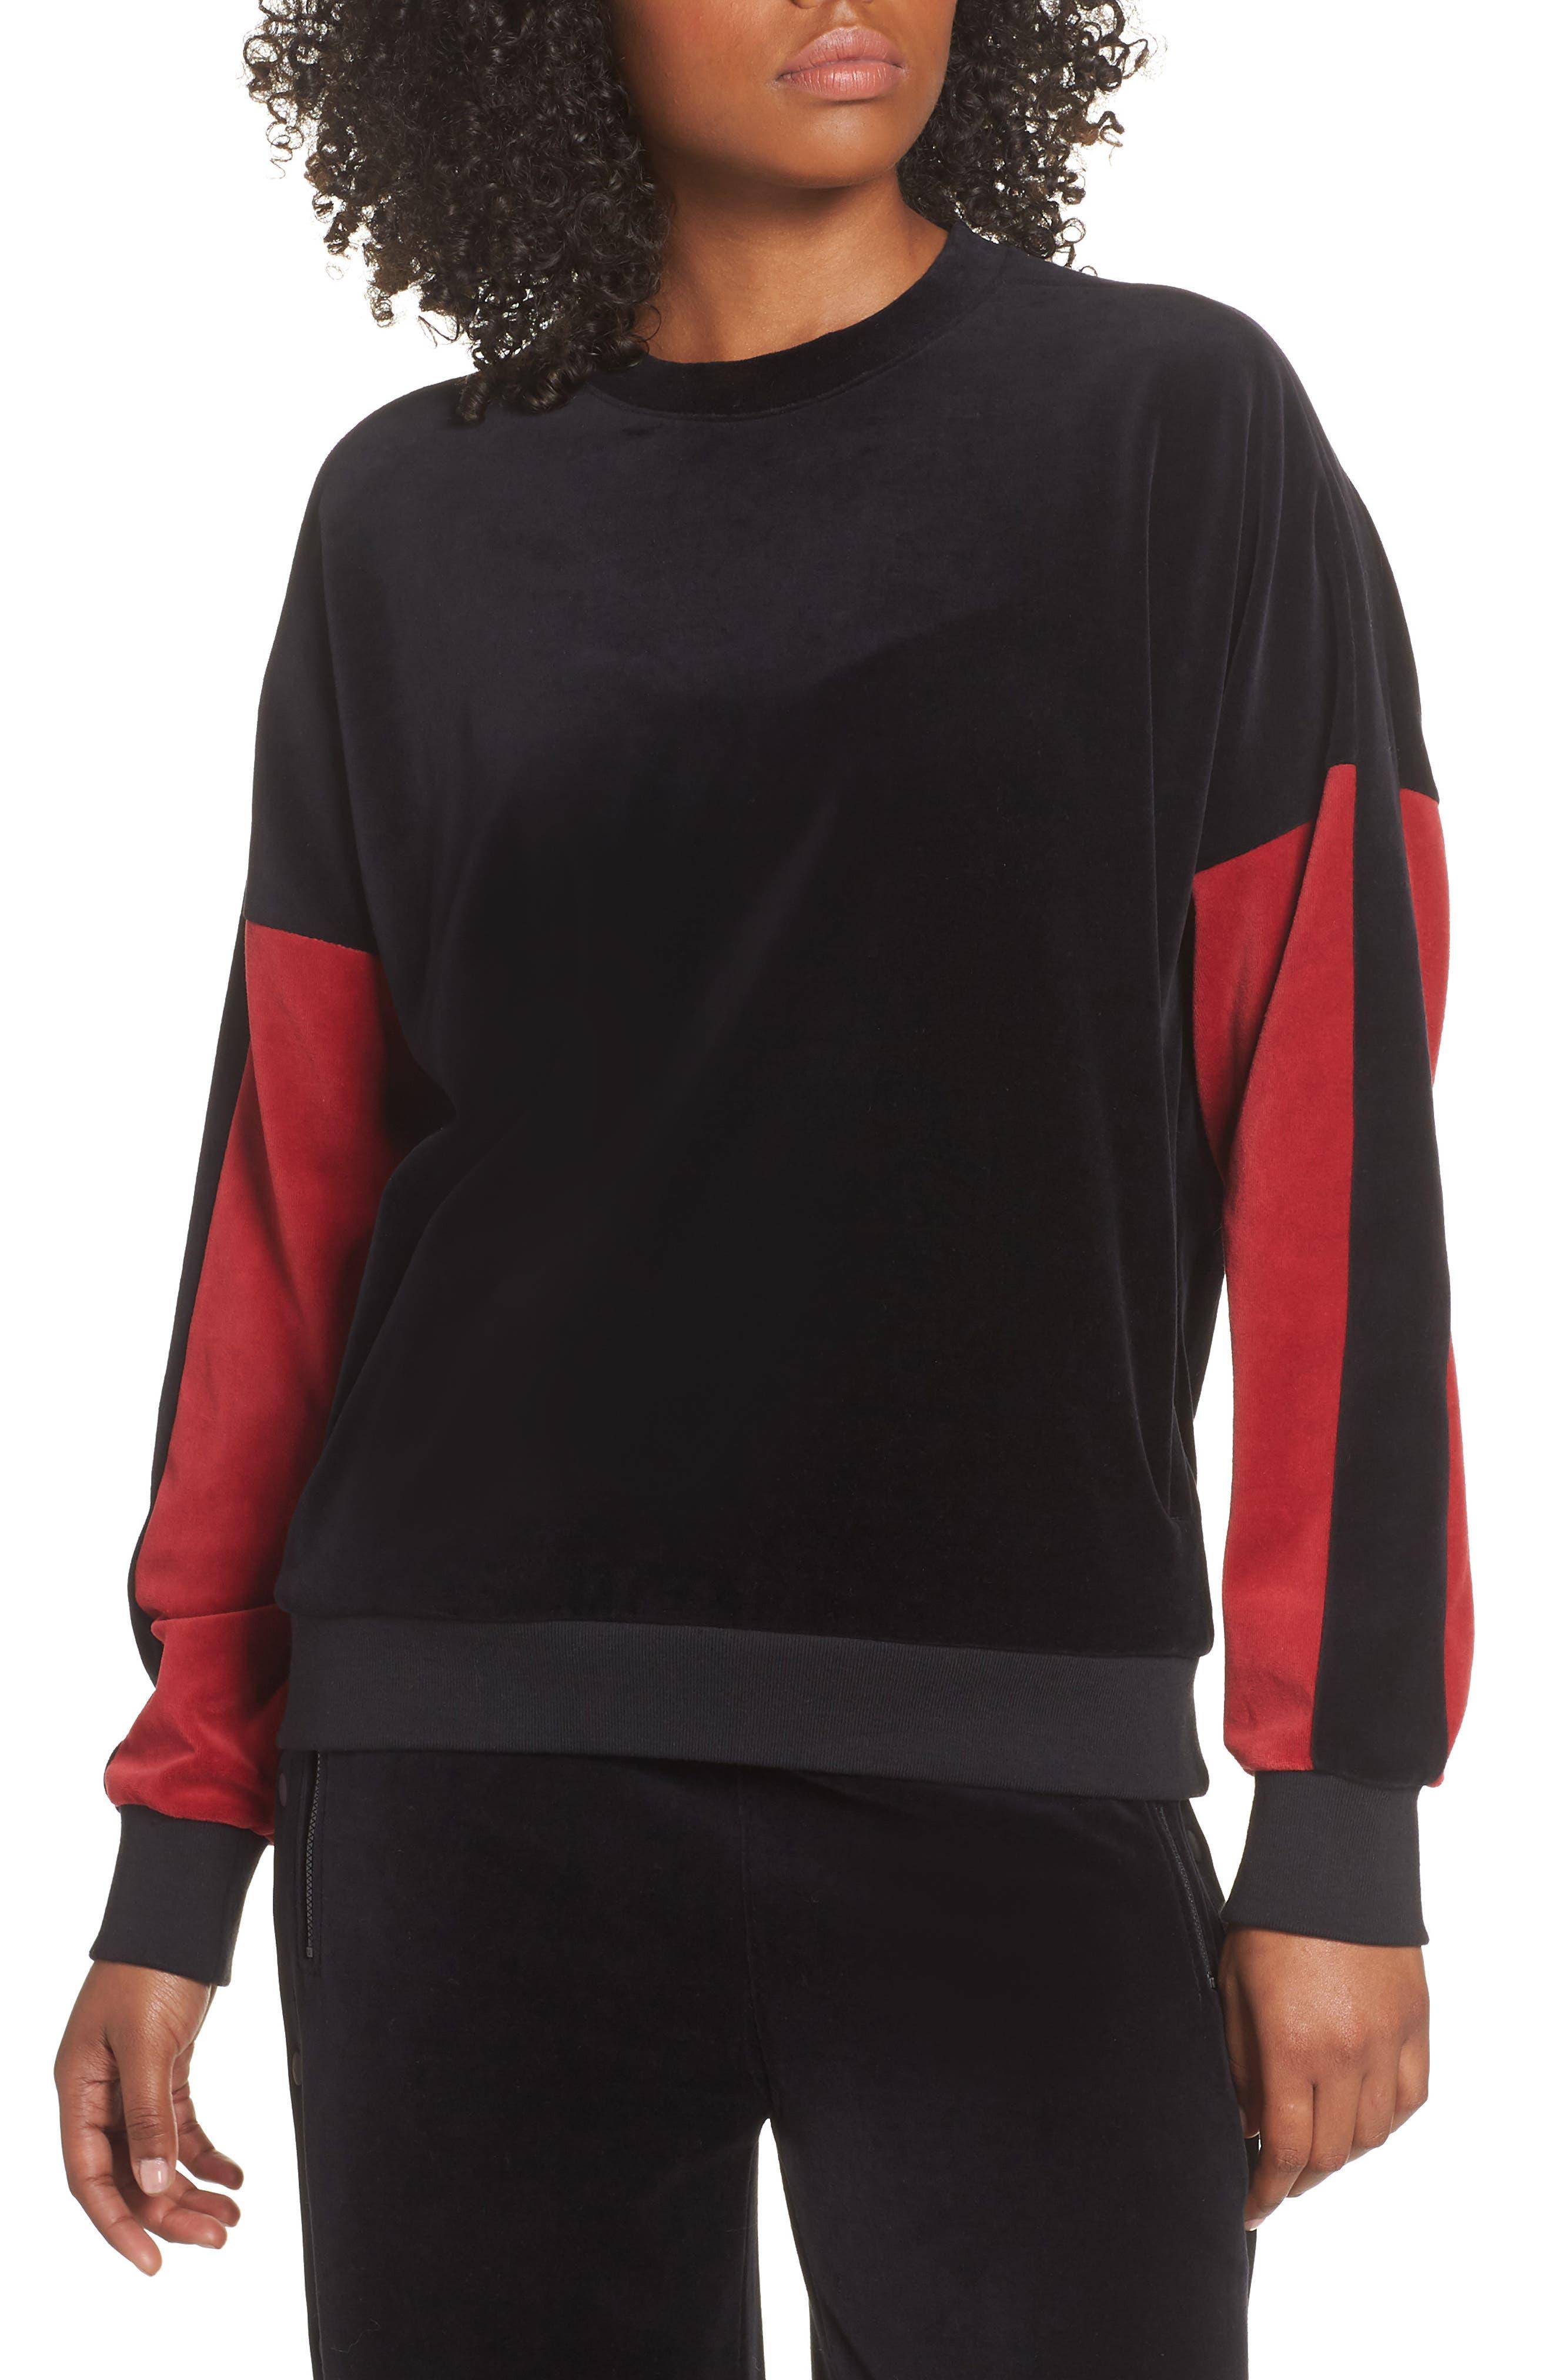 Velour Crewneck Sweater,                             Main thumbnail 1, color,                             BLACK/ CRIMSON